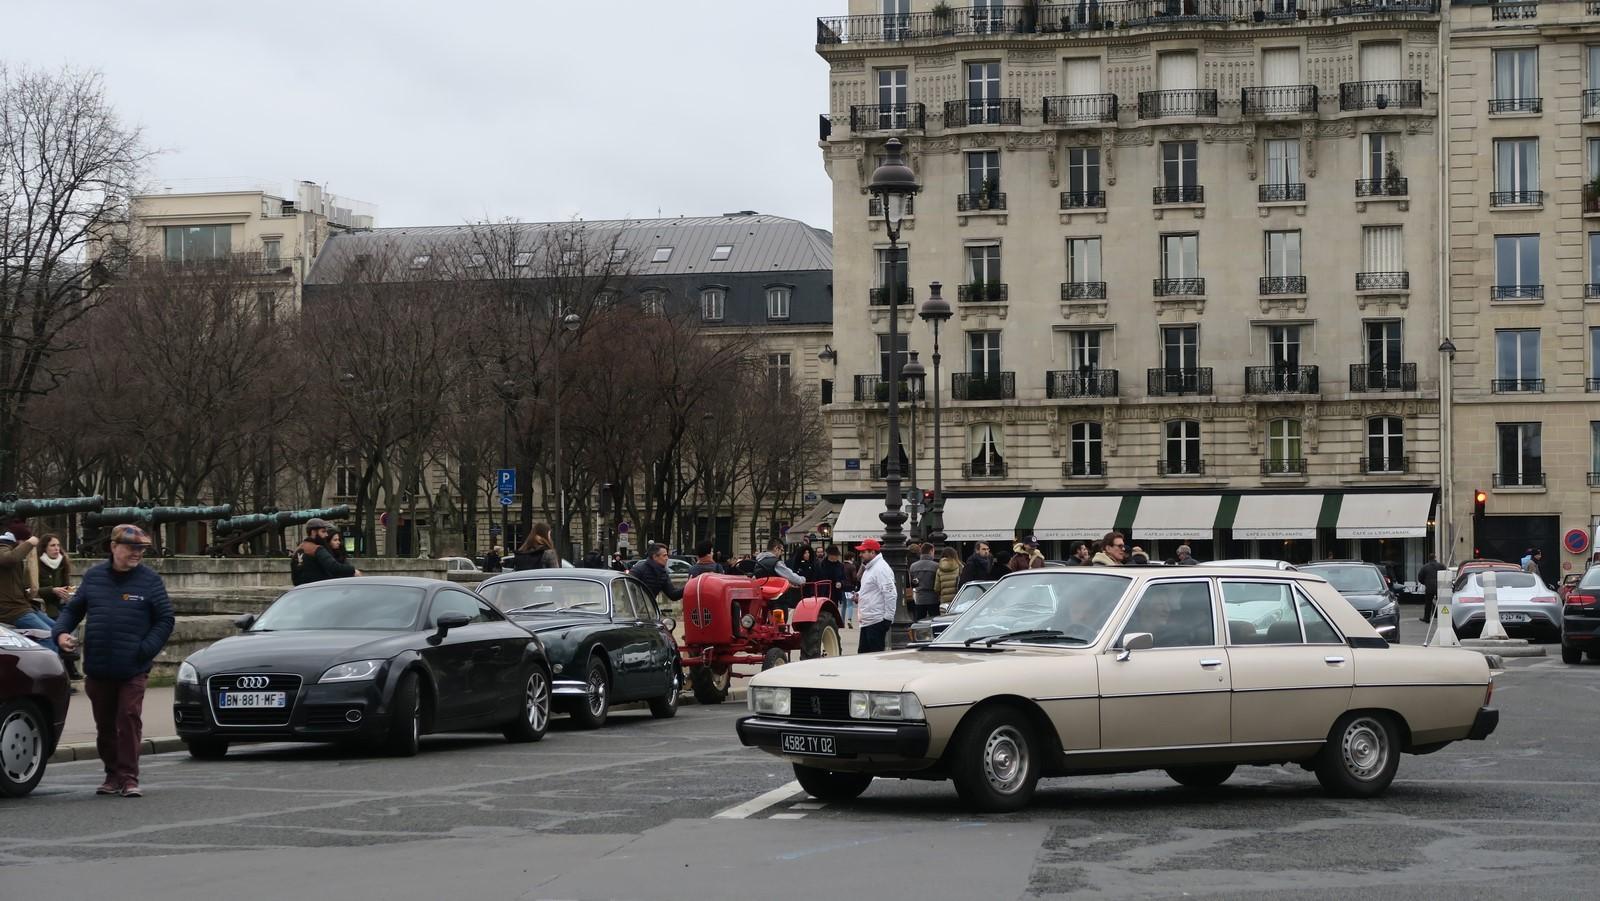 Traversee de Paris hivernale 2019 FM 125